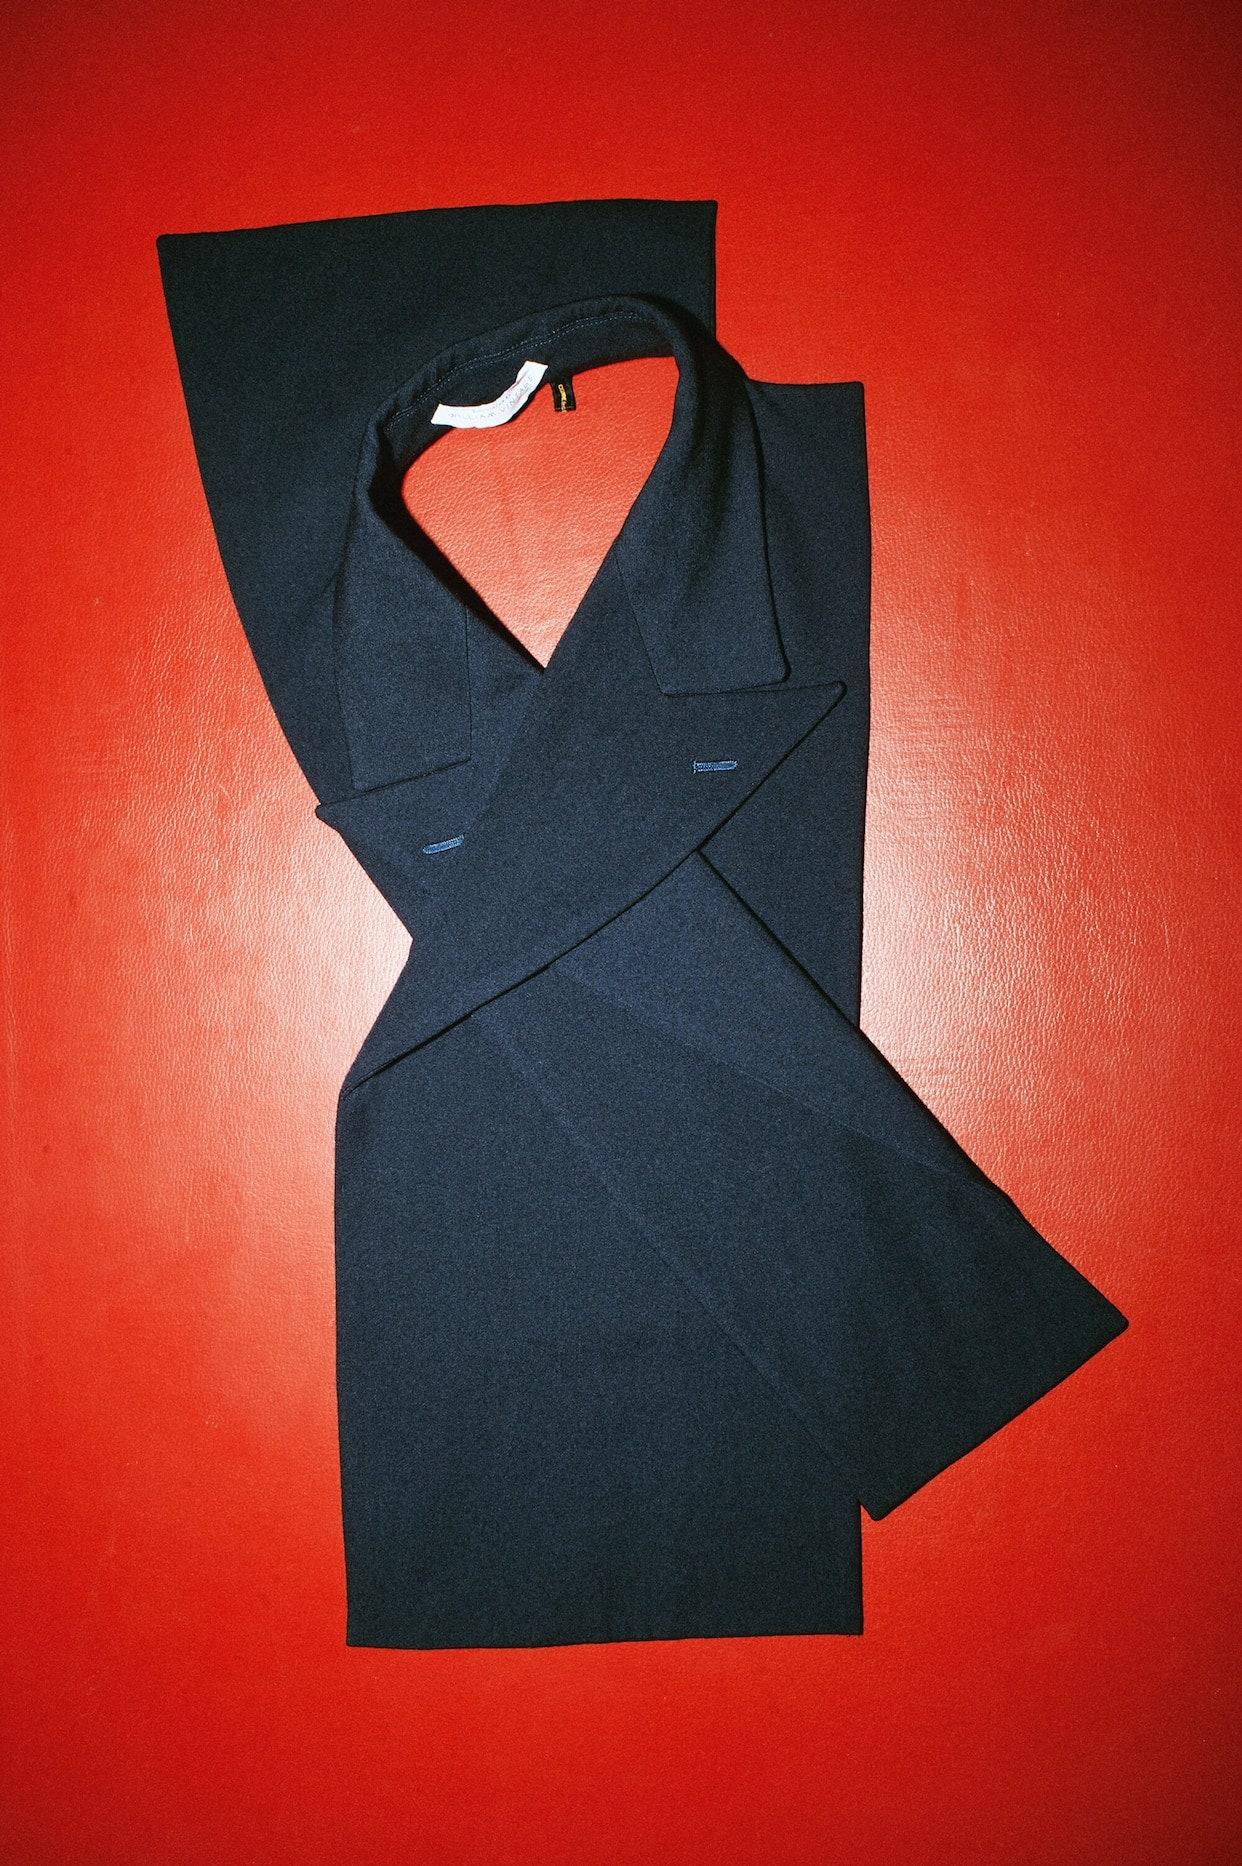 Мэри-Кейт Олсен отобрала винтаж Chanel, Martin Margiela и Comme des Garçons — он выставлен на продажу на сайте The Row